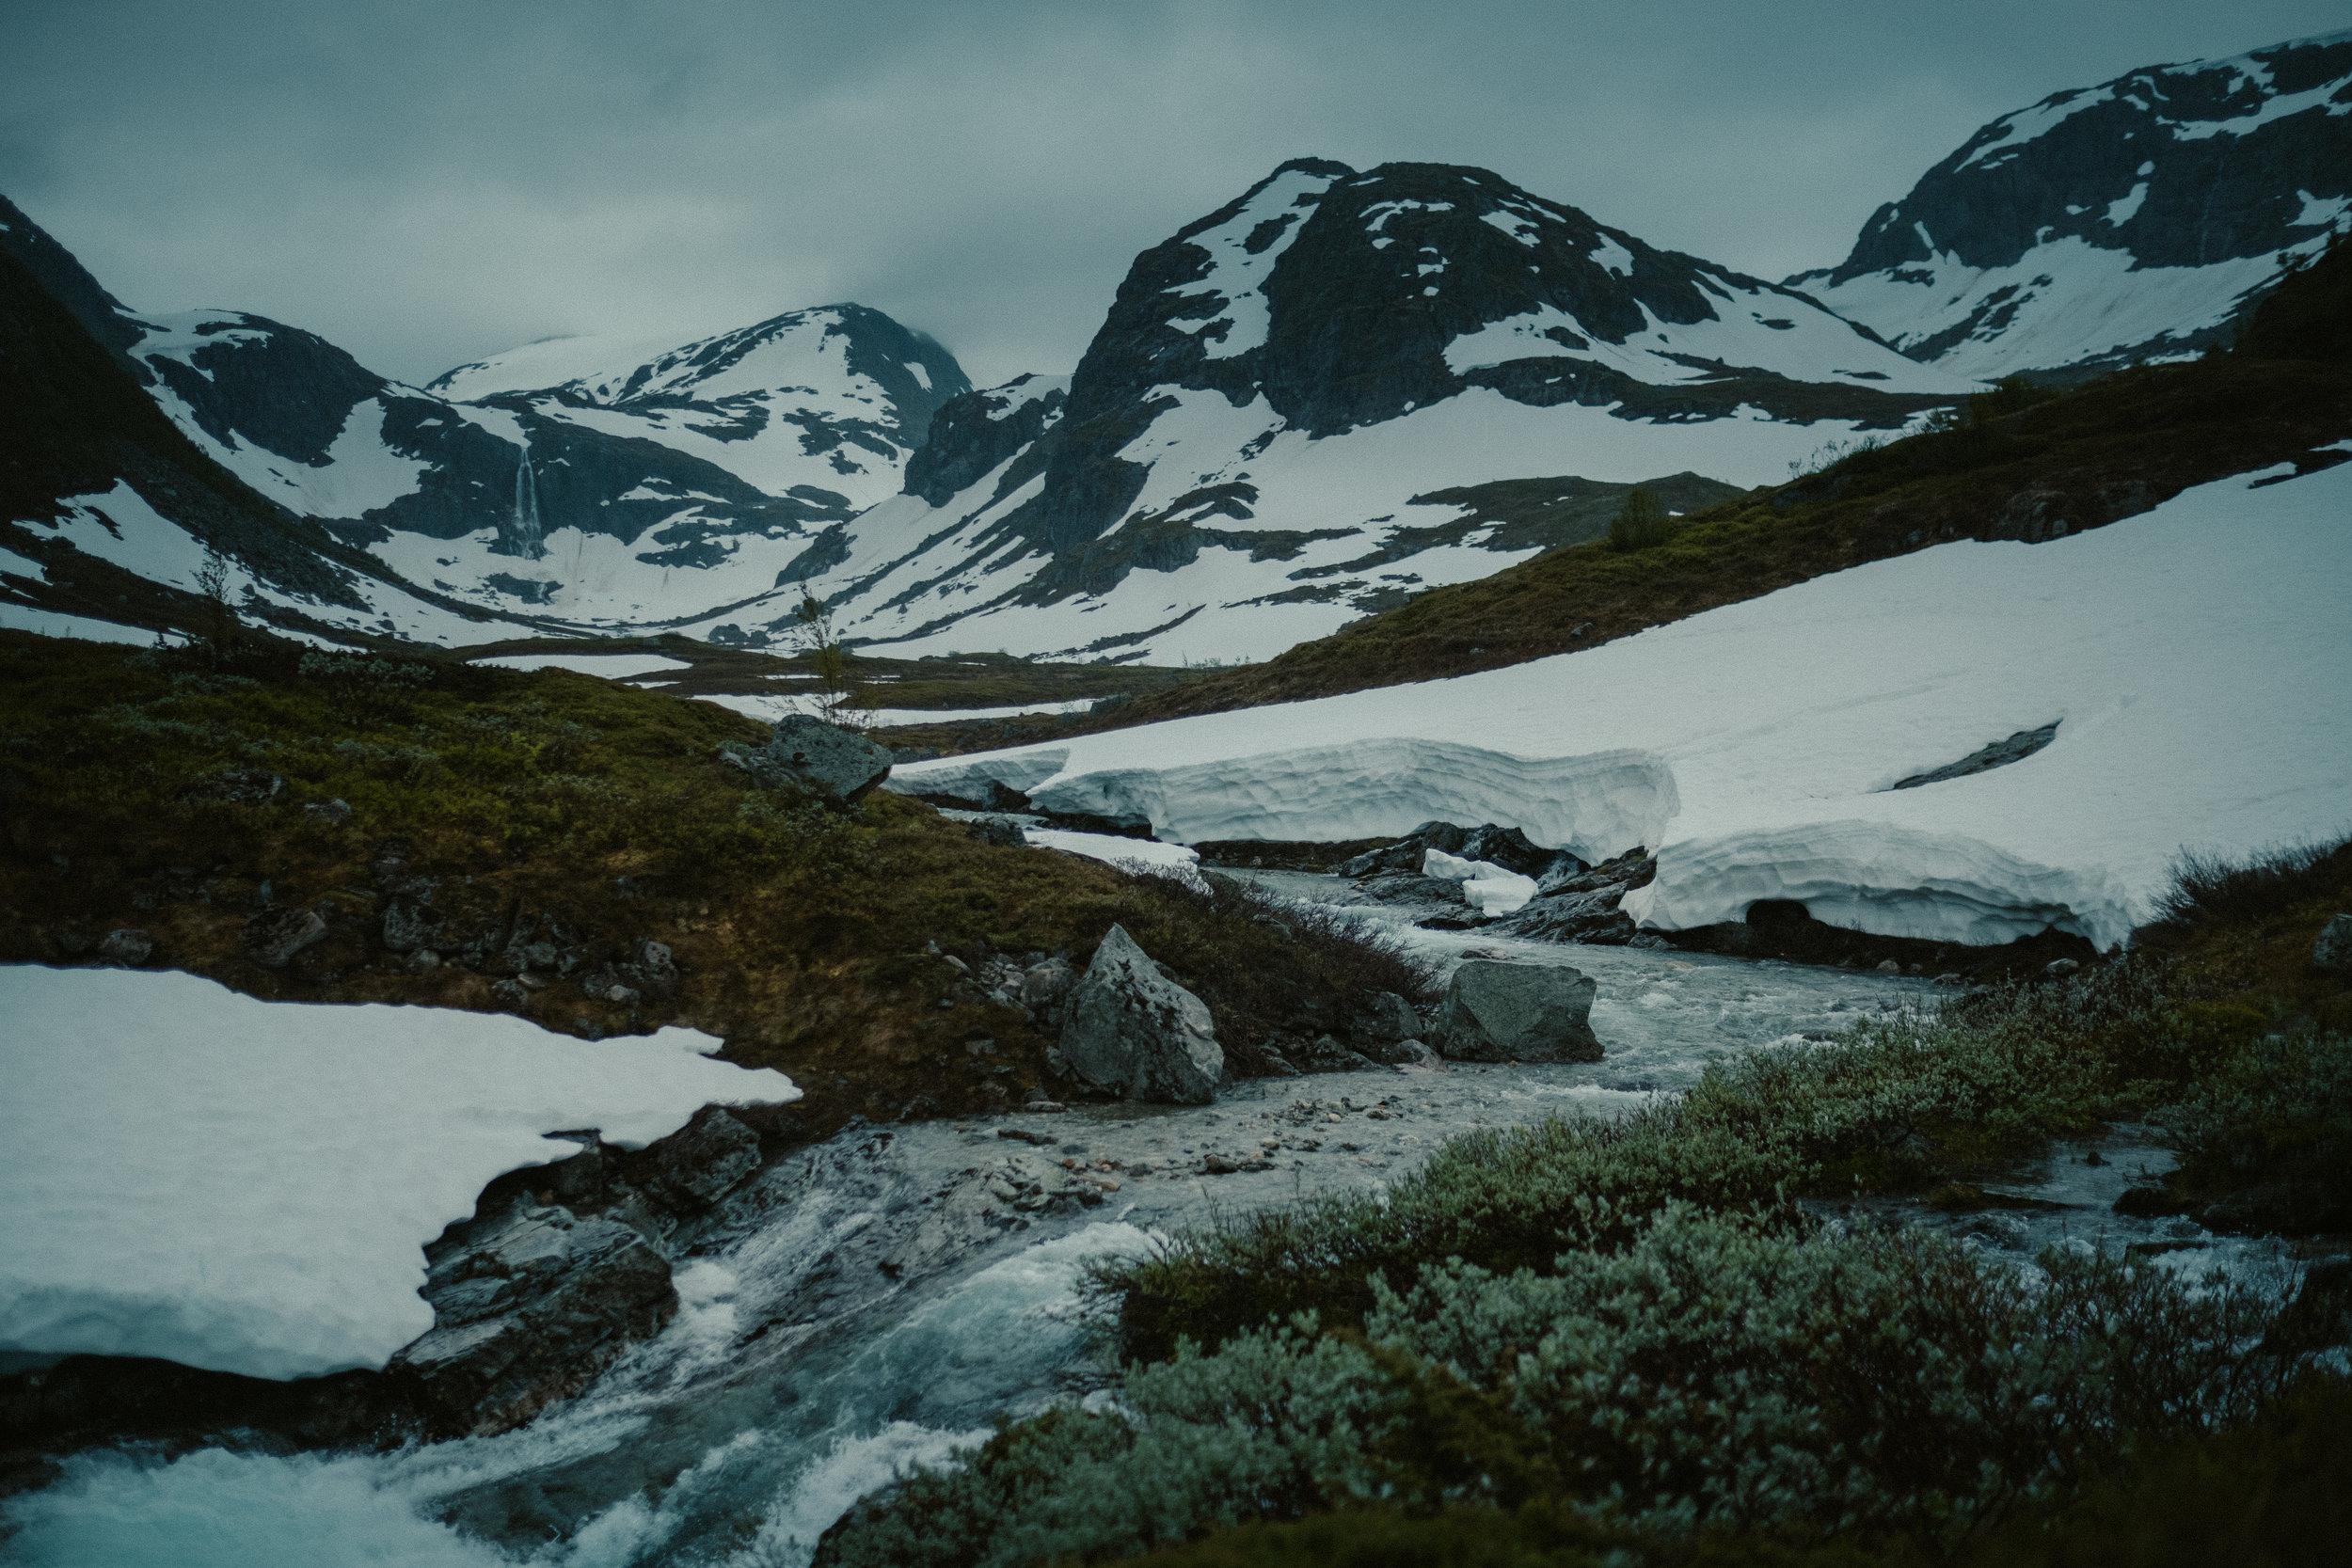 NORWAY_0615_2016_DSCF4633_CC.jpg